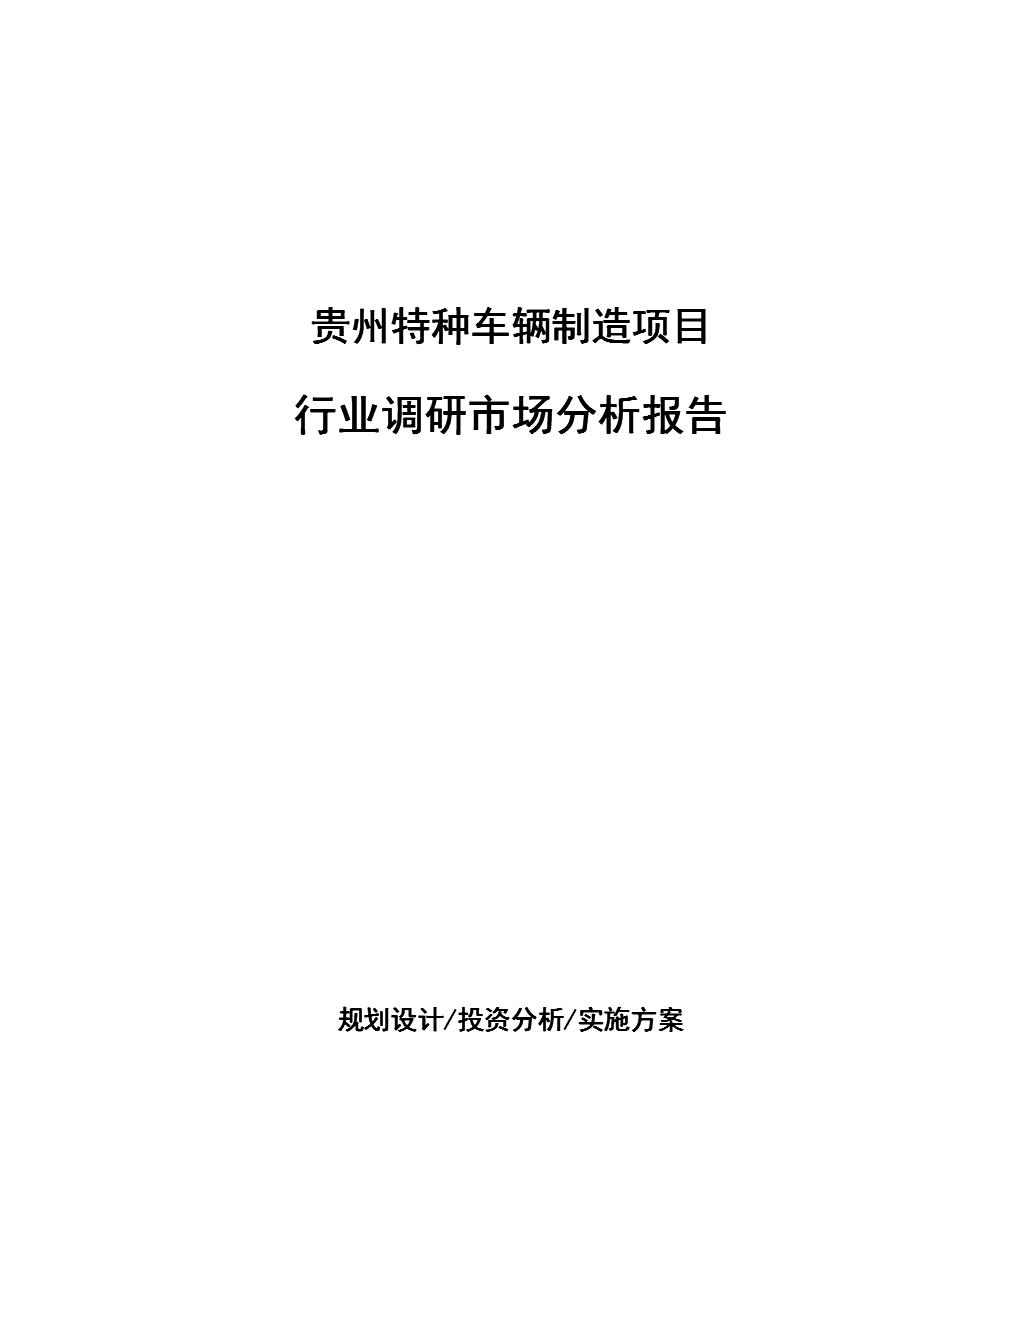 贵州特种车辆制造项目行业调研市场分析报告.docx